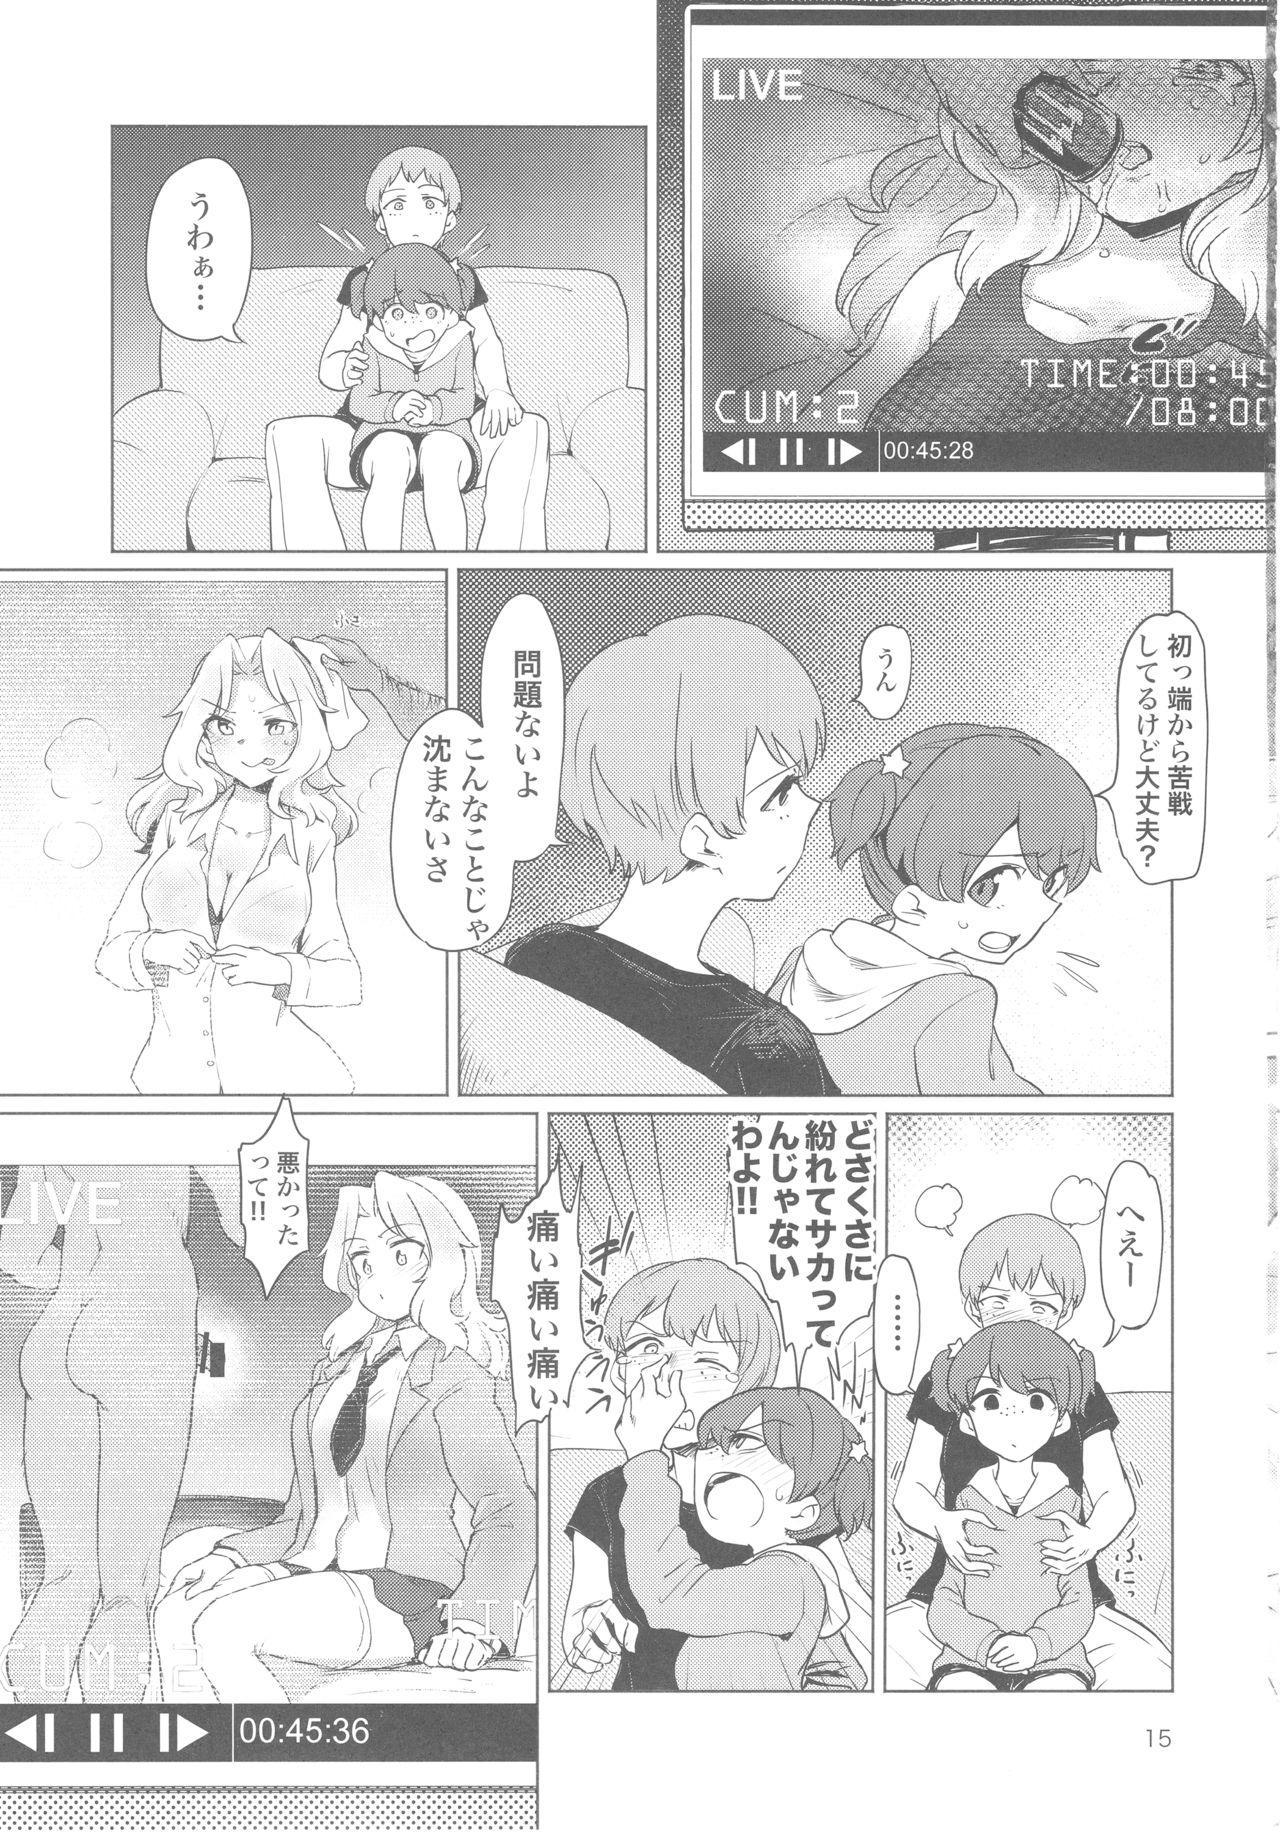 (C93) [Yakitate Jamaica (Aomushi)] Renzoku Taikyuu 8-jikan: Okay-san ga 8-jikan Buttooshi de Taikyuu Ecchi Suru Hon (Girls und Panzer) 14